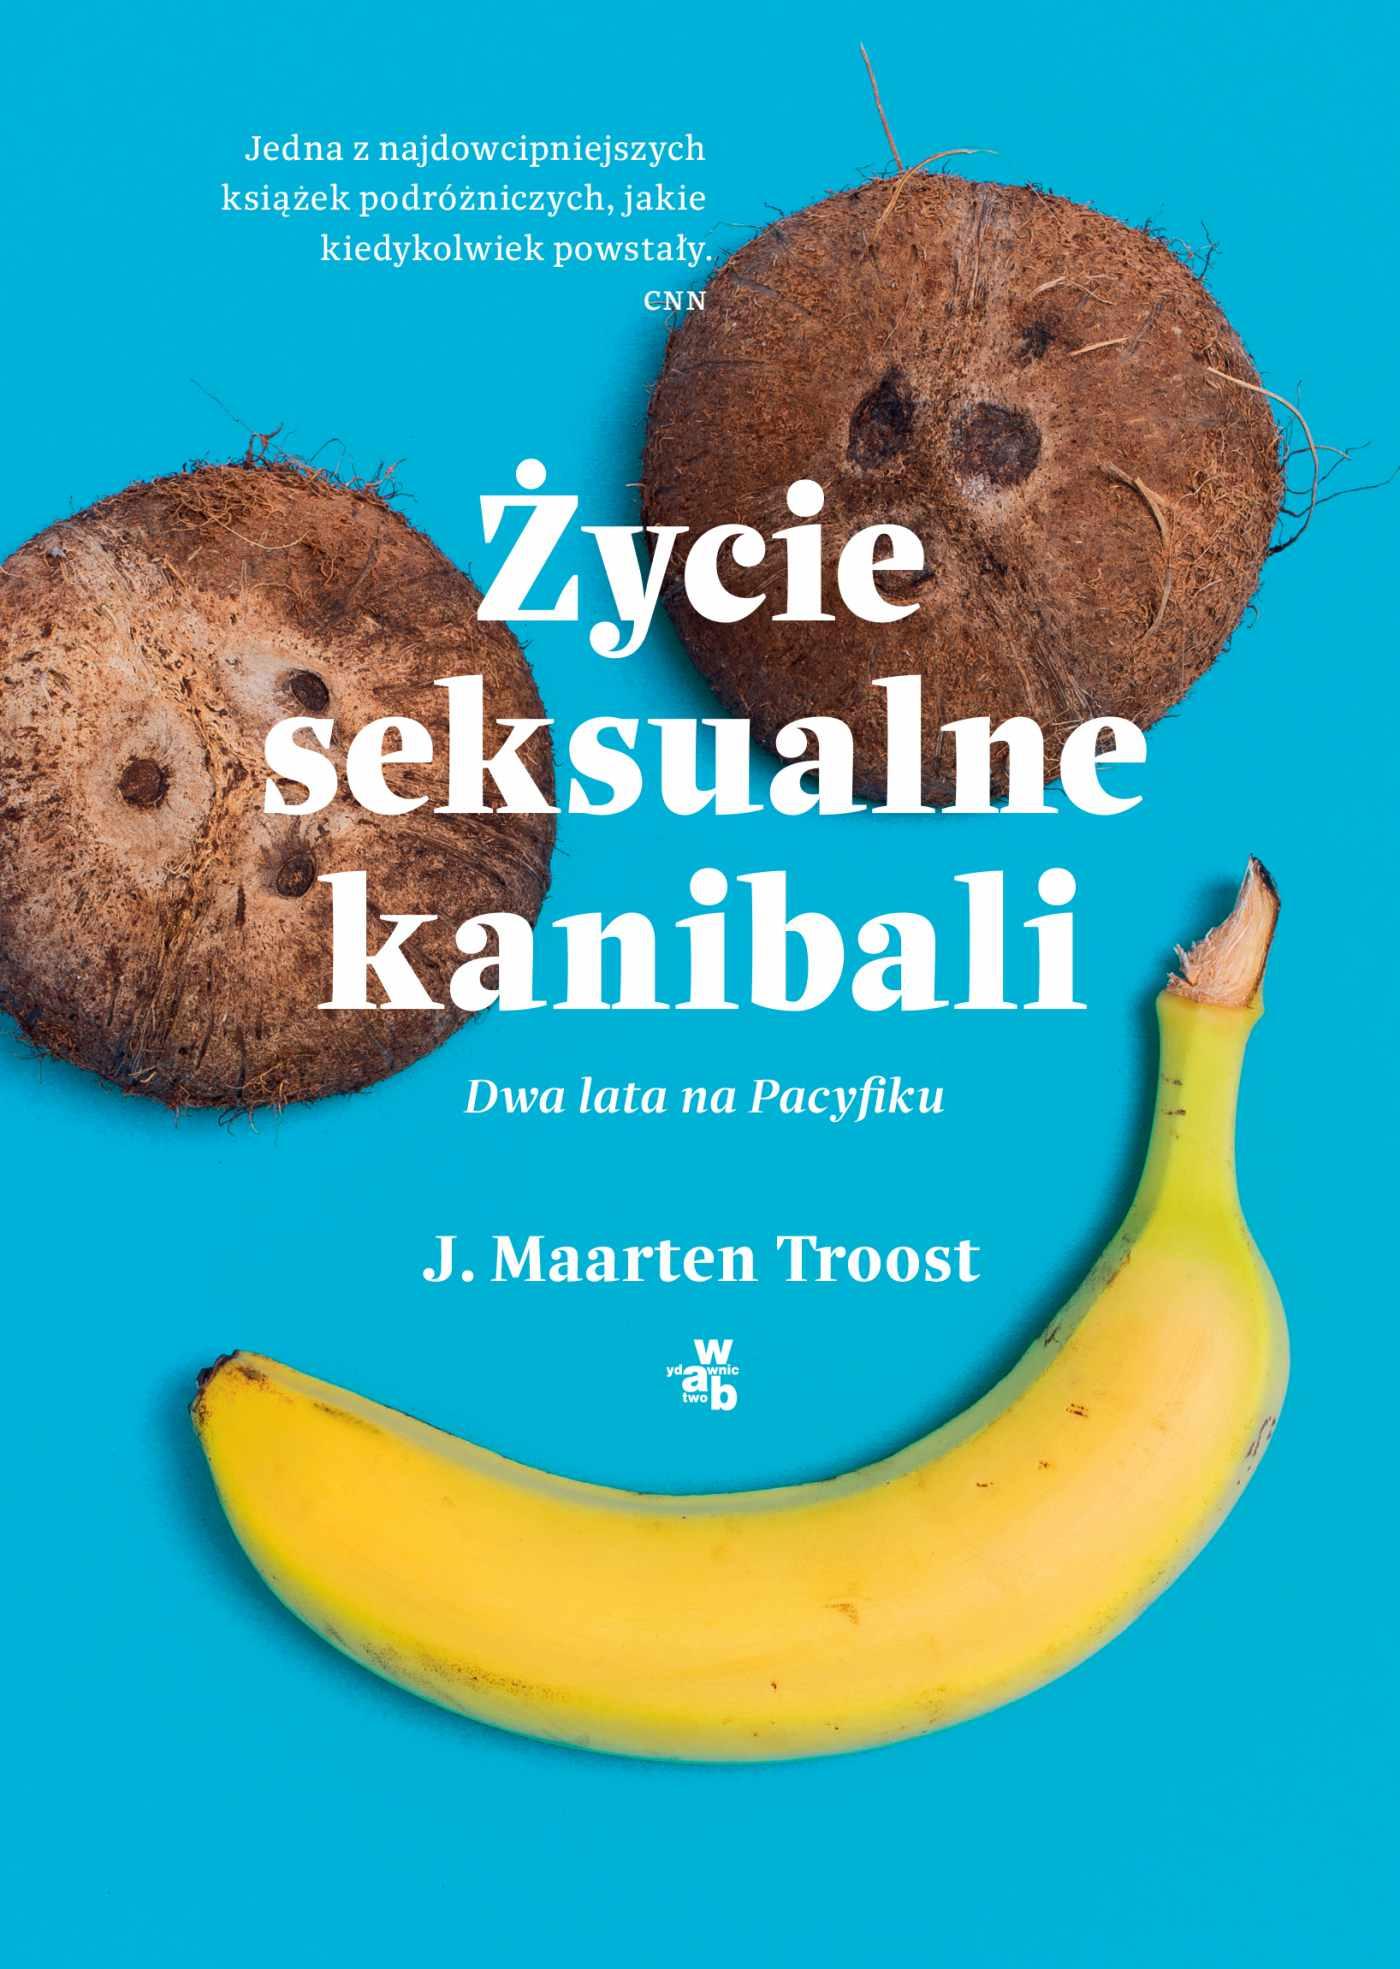 Życie seksualne kanibali - Ebook (Książka EPUB) do pobrania w formacie EPUB